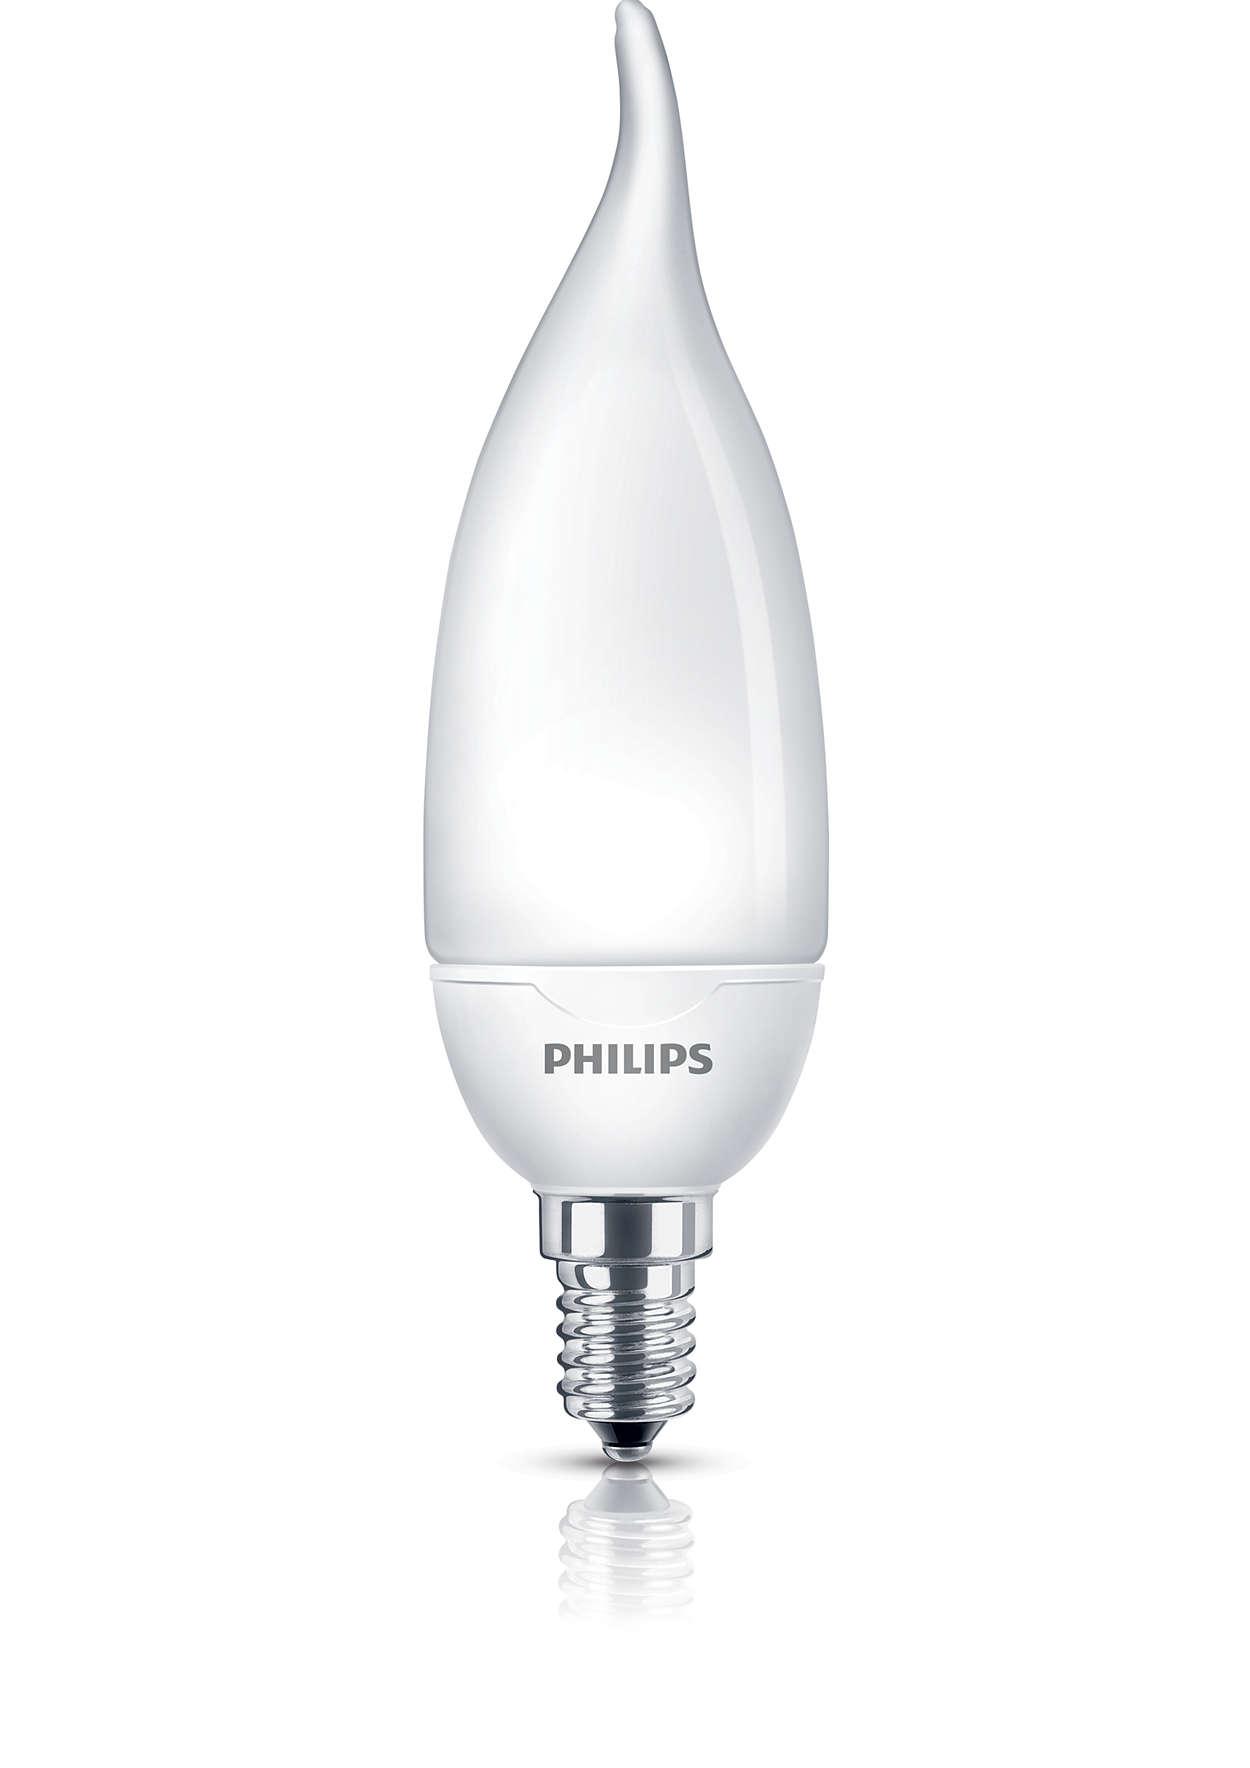 Luce soffusa e delicata in una lampadina a risparmio energetico